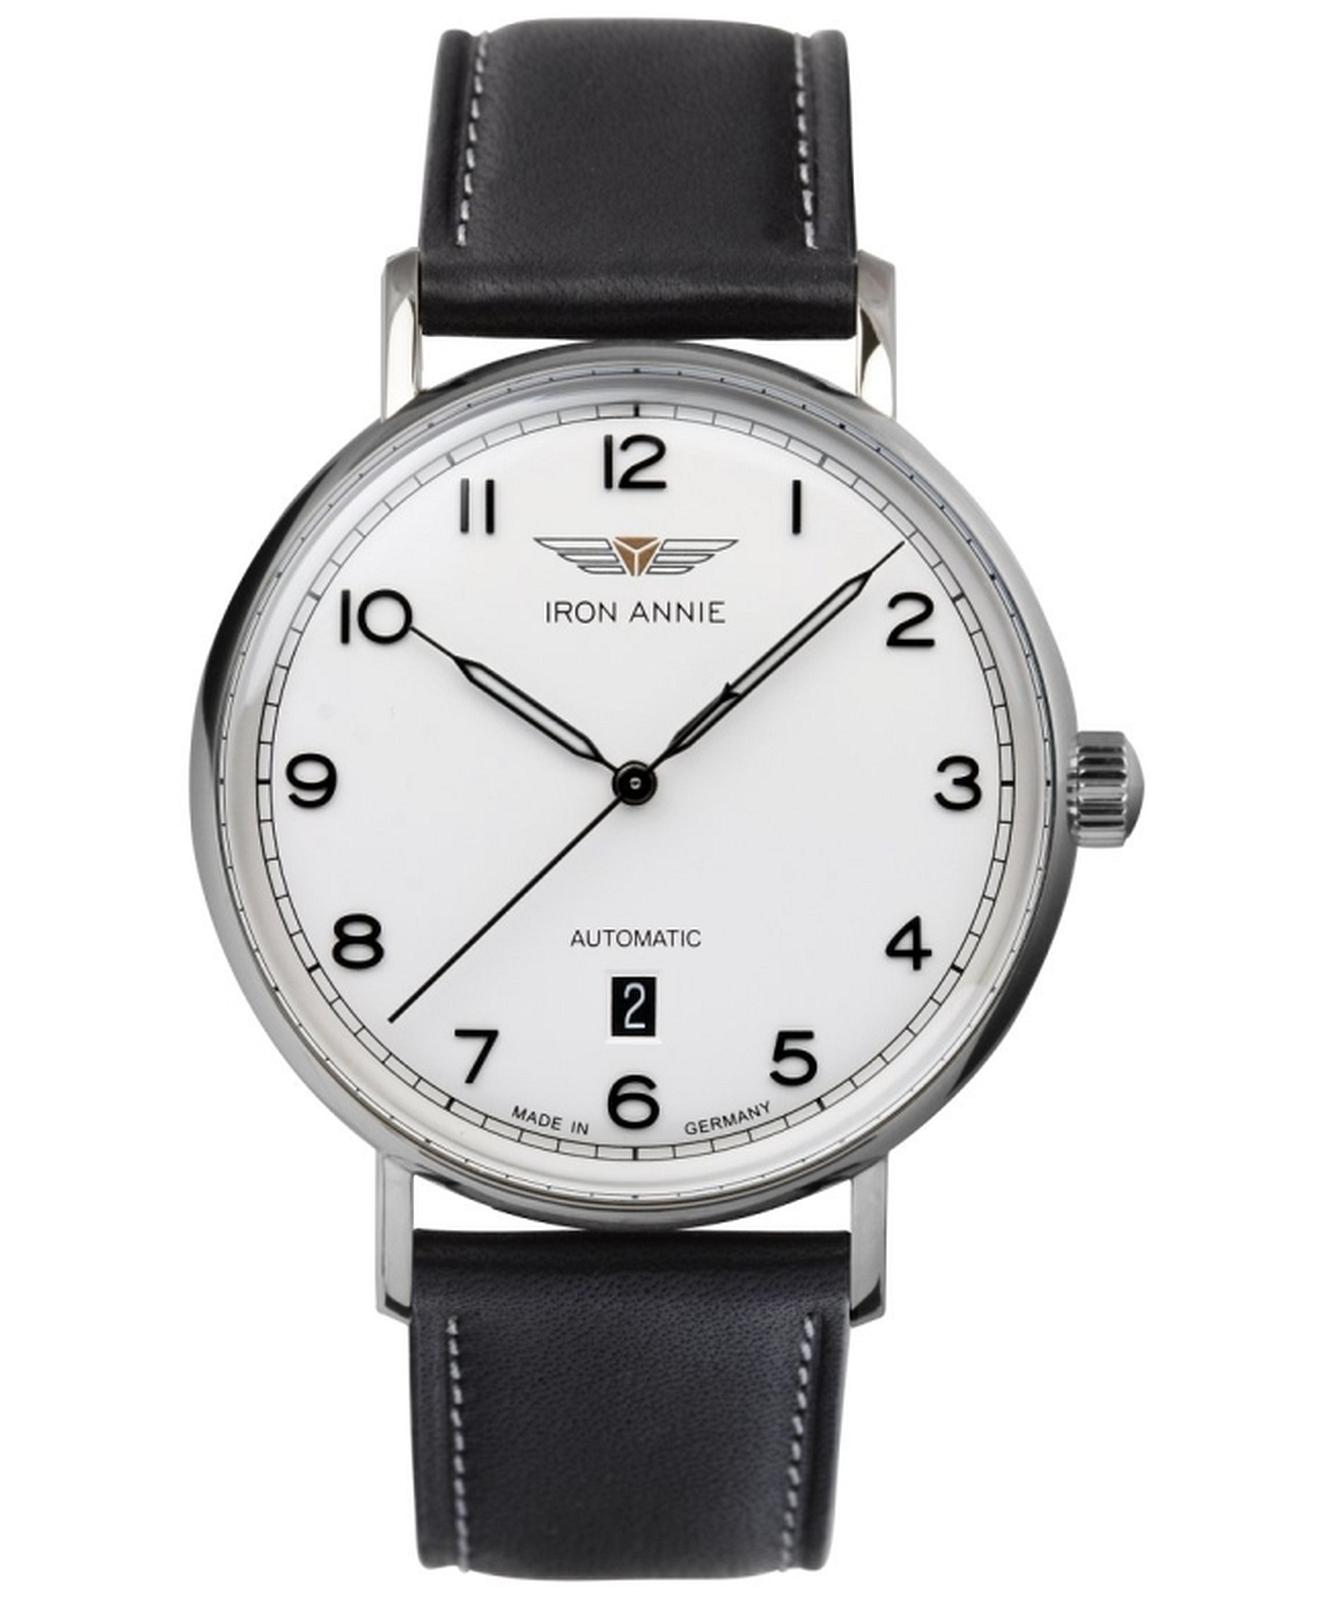 zegarek-meski-iron-annie-d-aqui-automatik-ia-5954-1